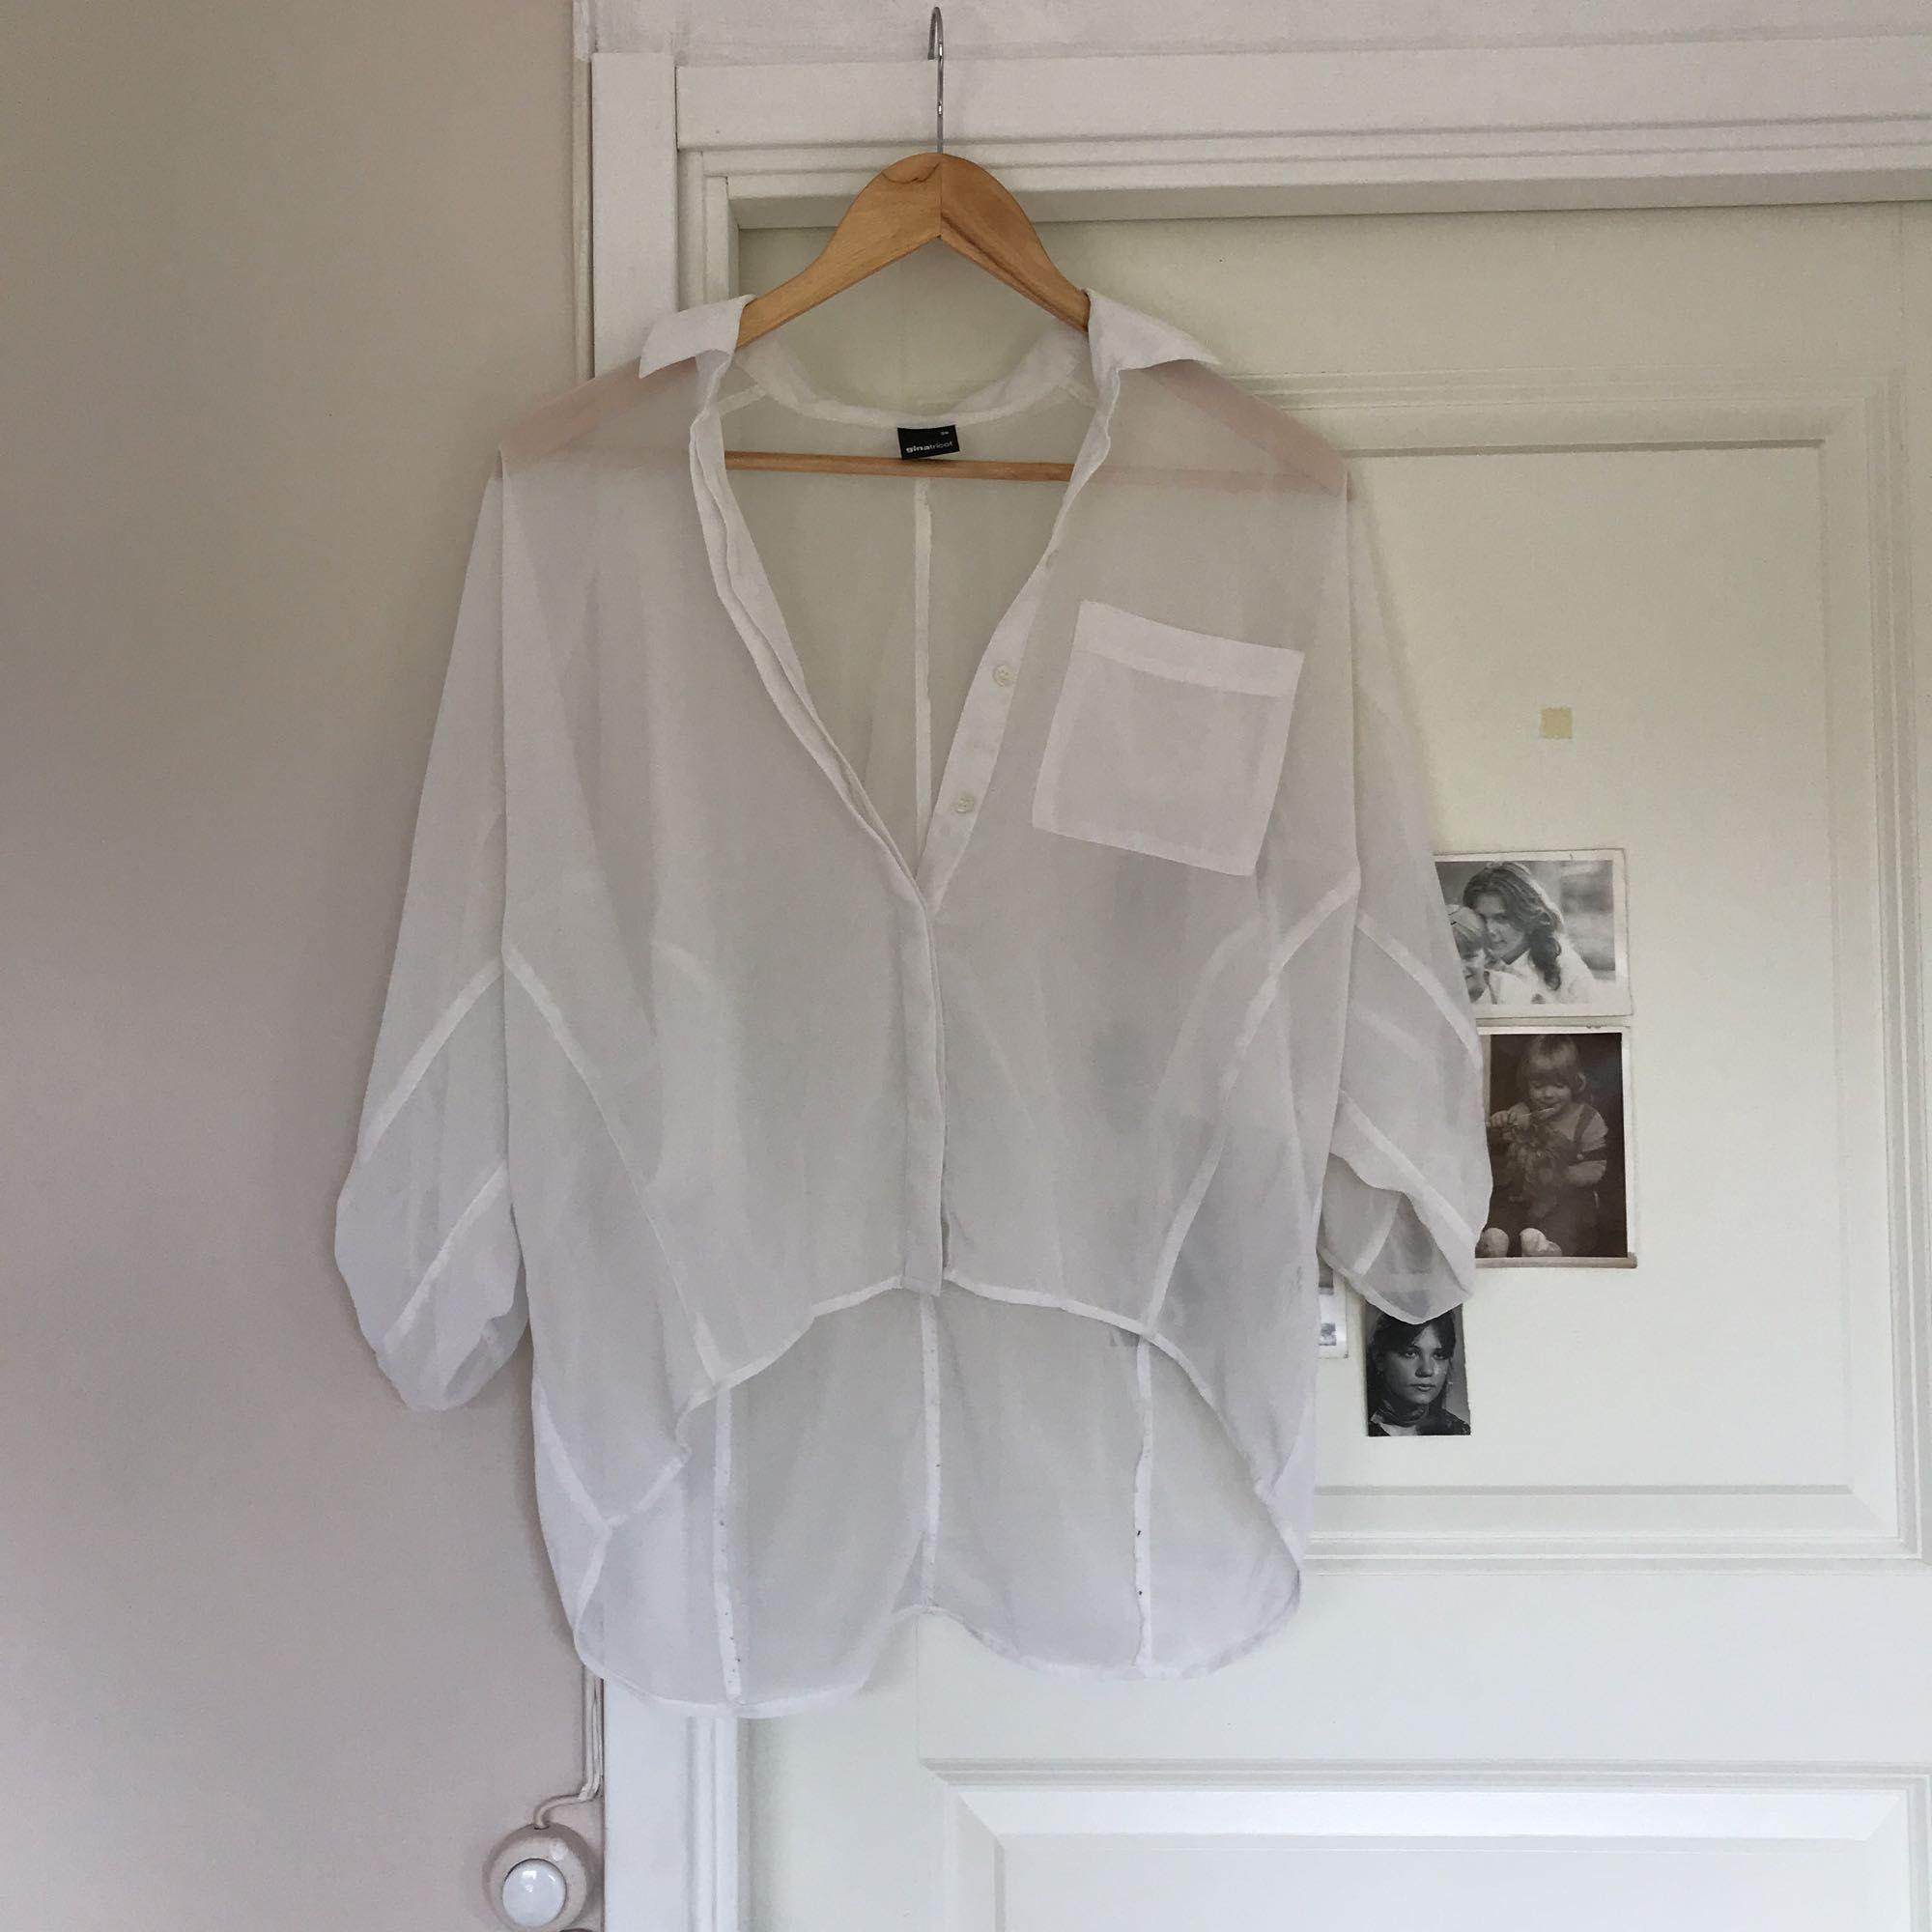 d0149e51e21 Vil sende flere billeder Hvid gennemsigtig bluse Kortere for / venstre  tilbage Du betaler fragt! Vil sende flere billeder